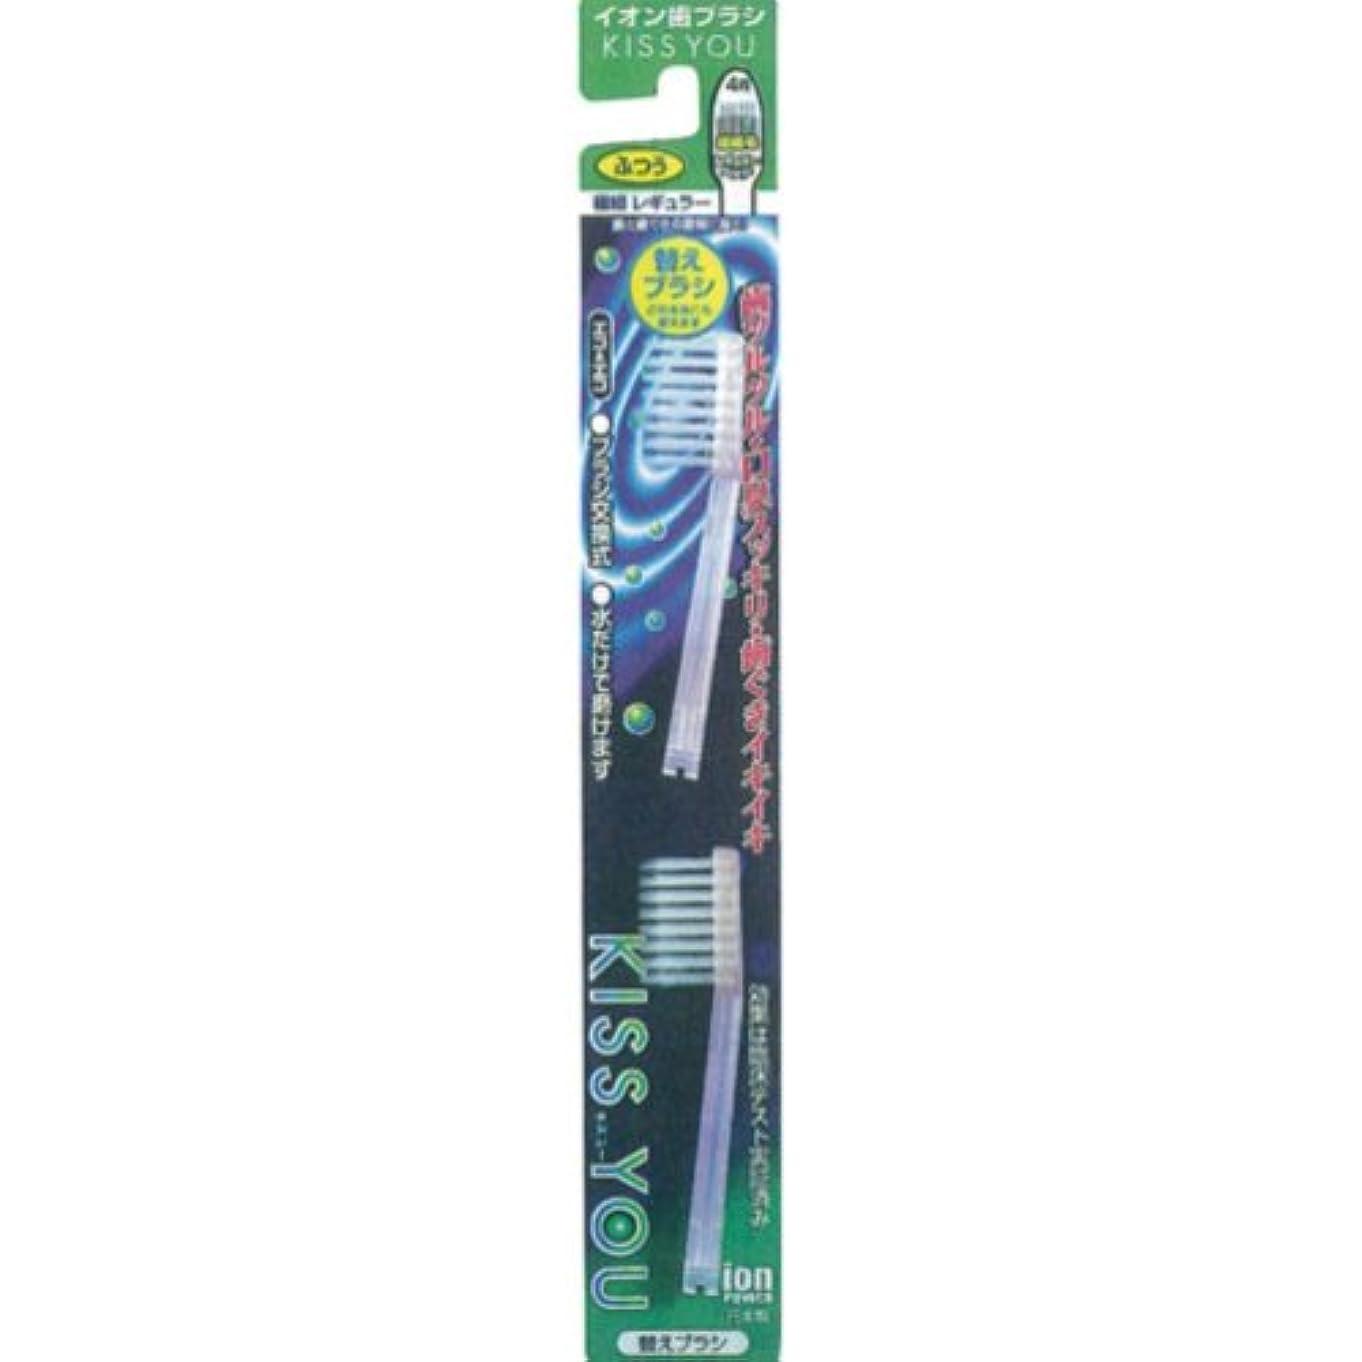 代理人健康的形成フクバデンタル キスユー イオン歯ブラシ 極細レギュラー 替えブラシ ふつう (2本入)